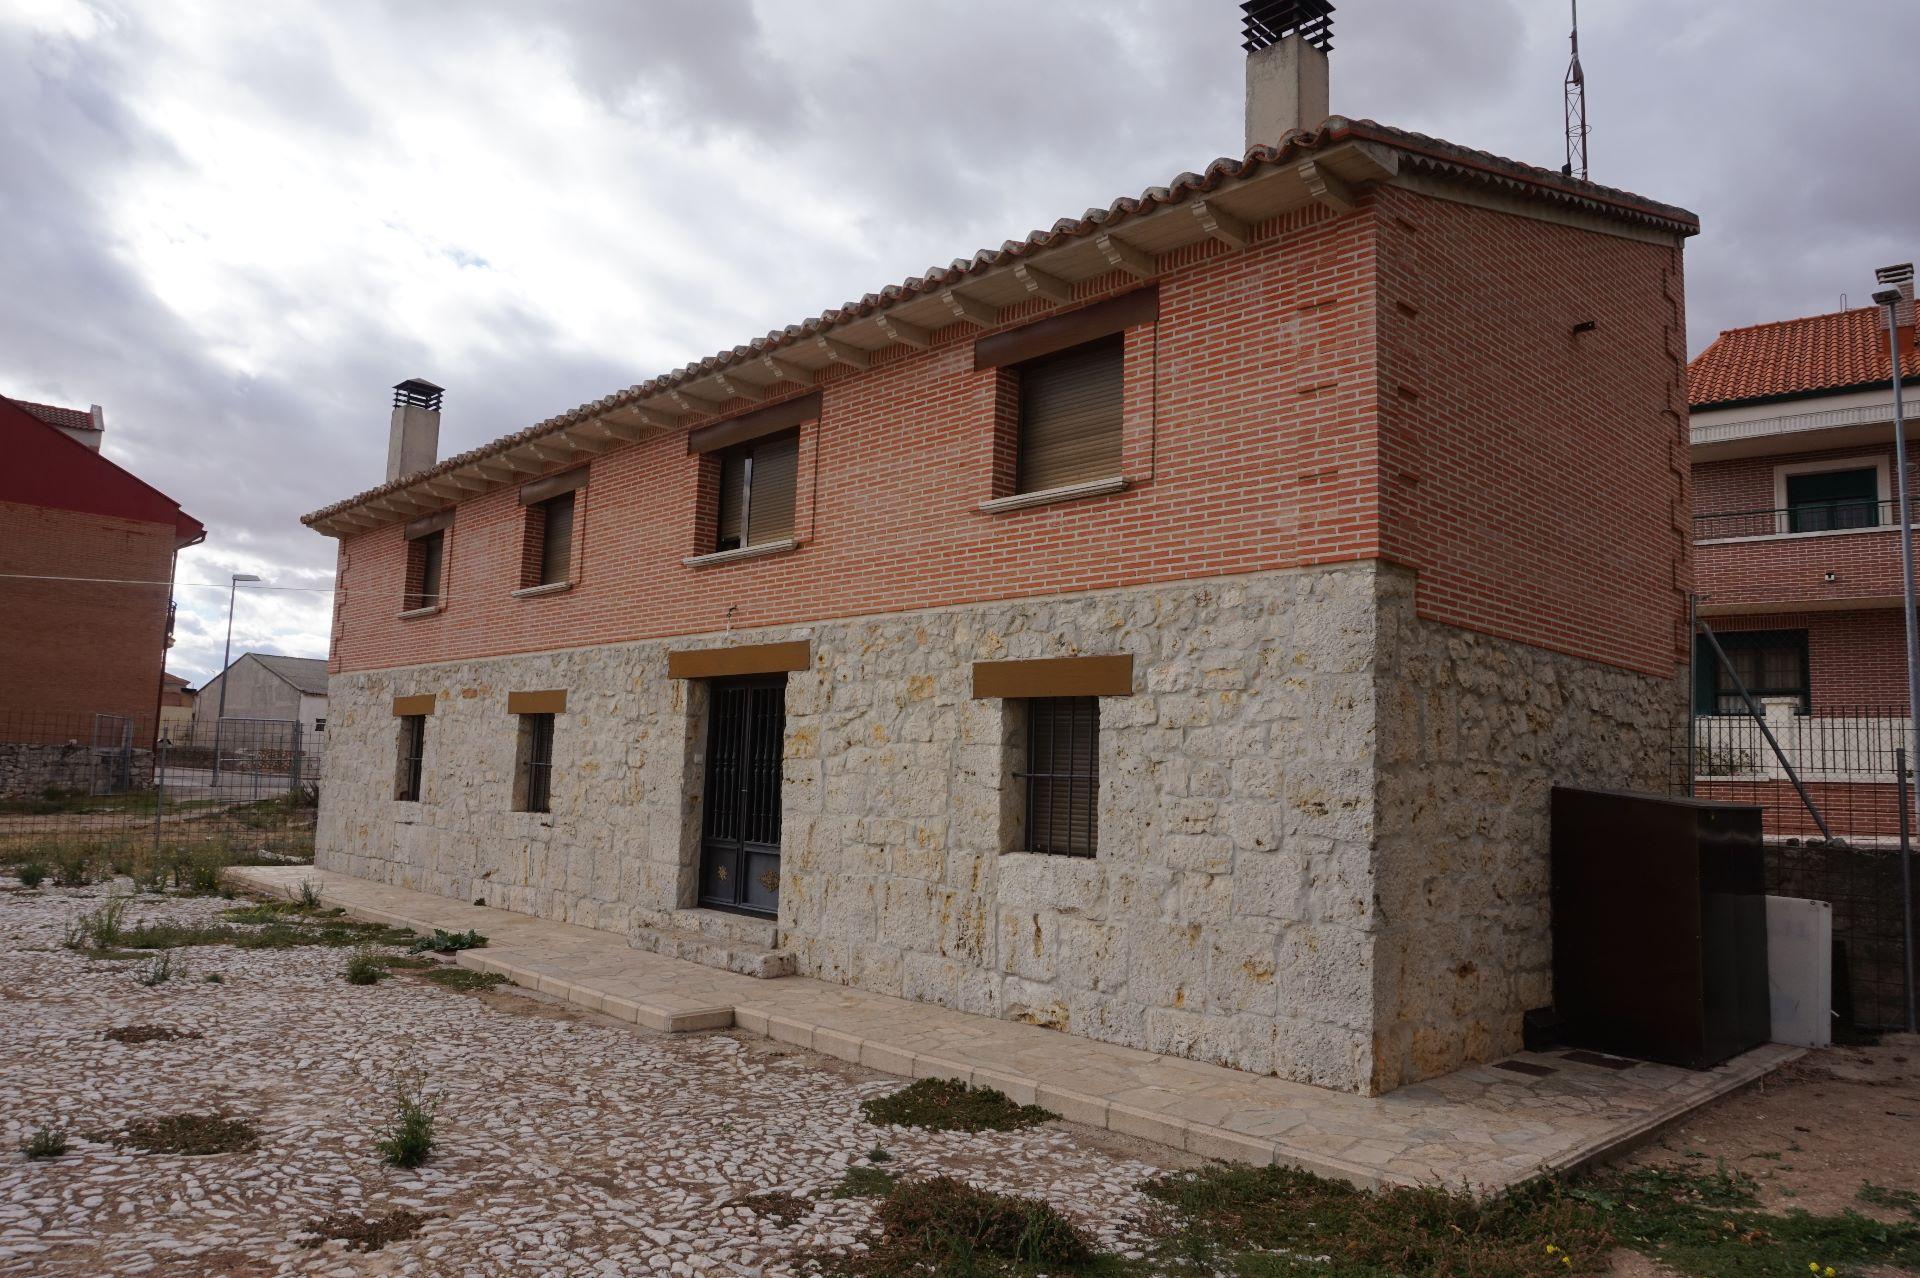 Casa / Chalet en Villanubla, VILLANUBLA, alquiler